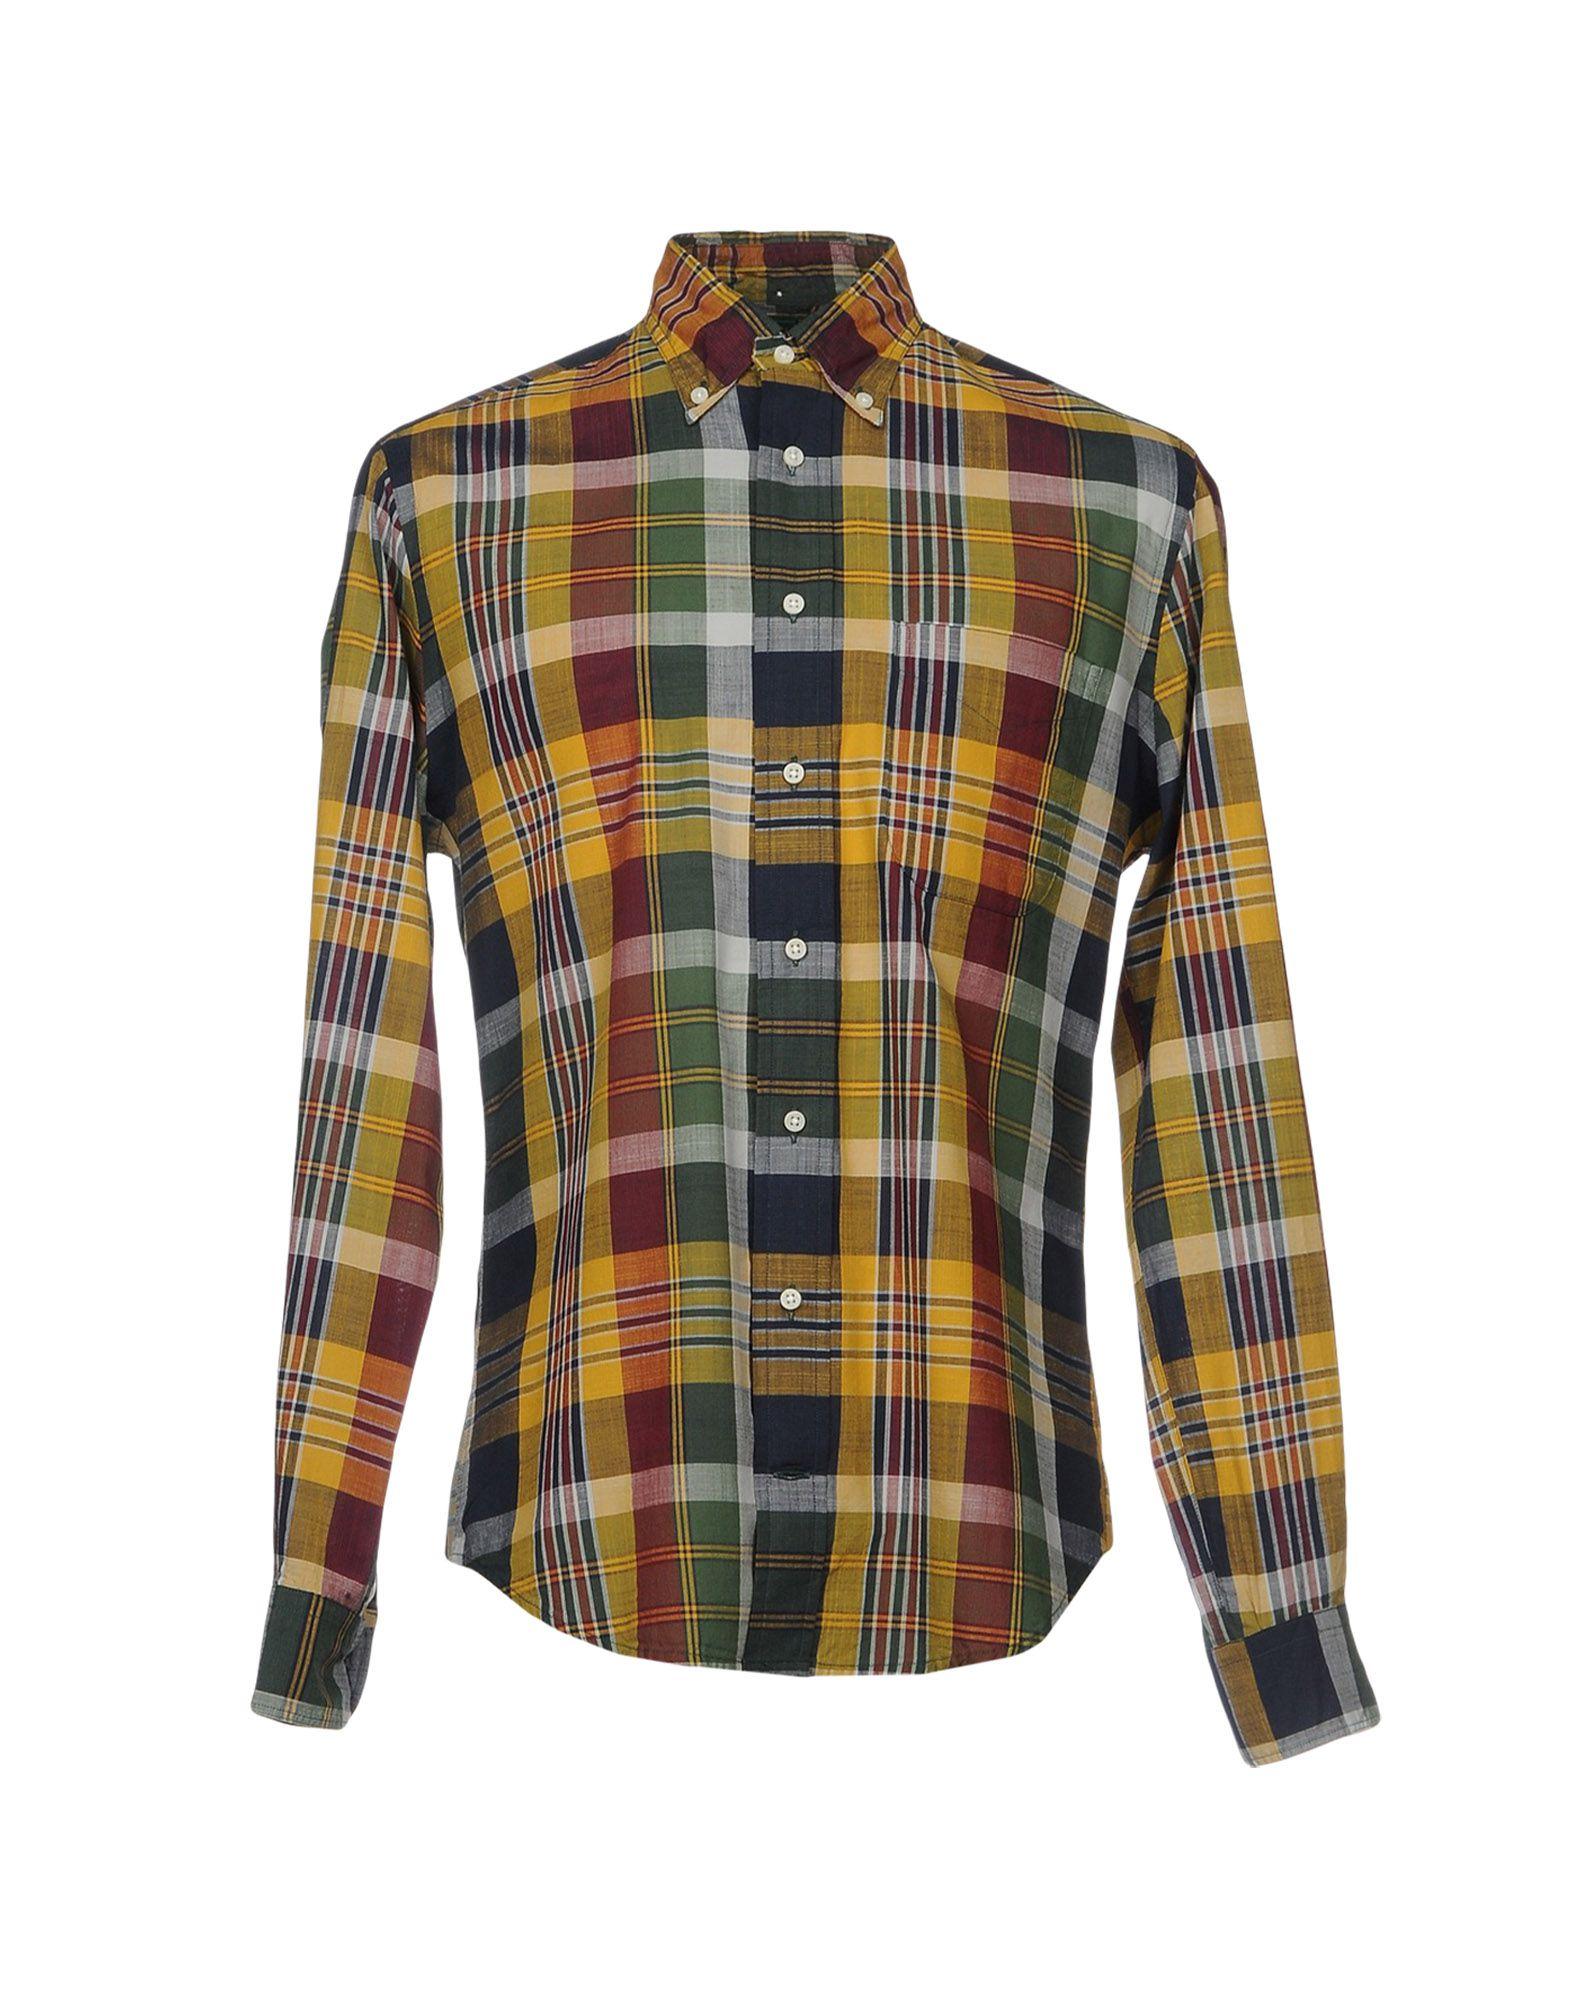 GITMAN BROS. Vintage Herren Hemd Farbe Gelb Größe 5